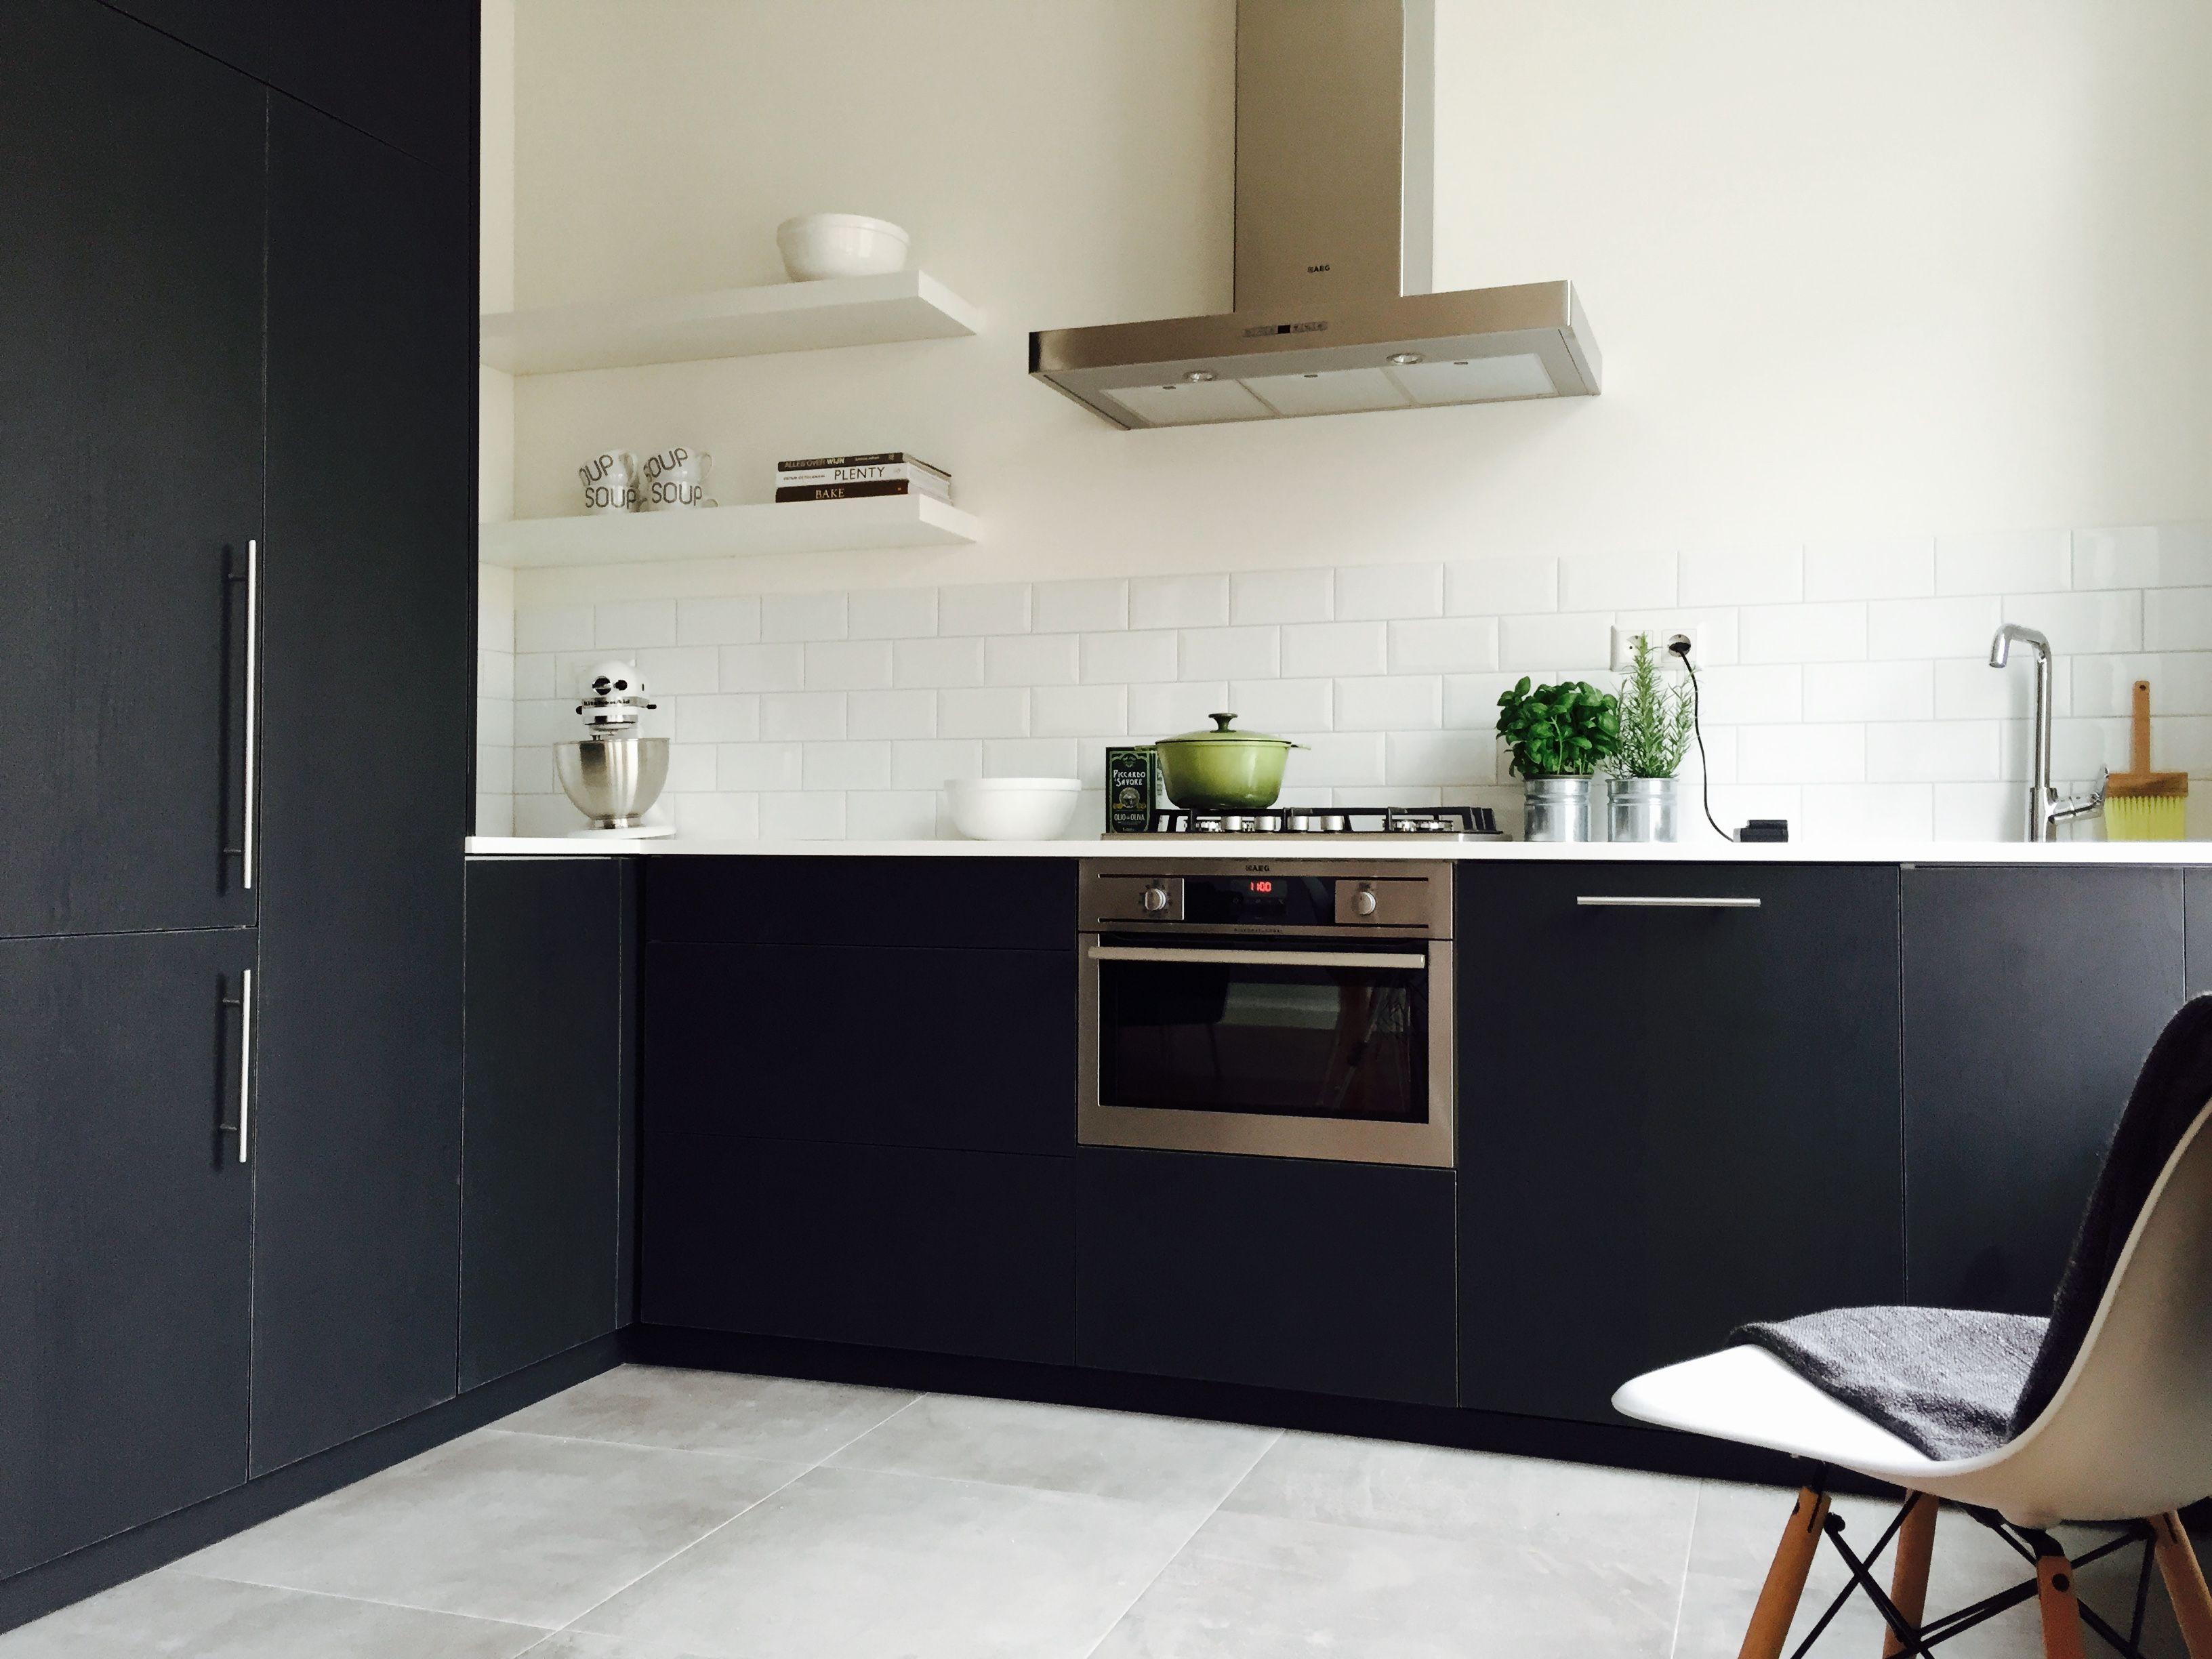 Ikea Houten Keuken : Ikea keuken aangekleed door frontz houten fronten corian blad en